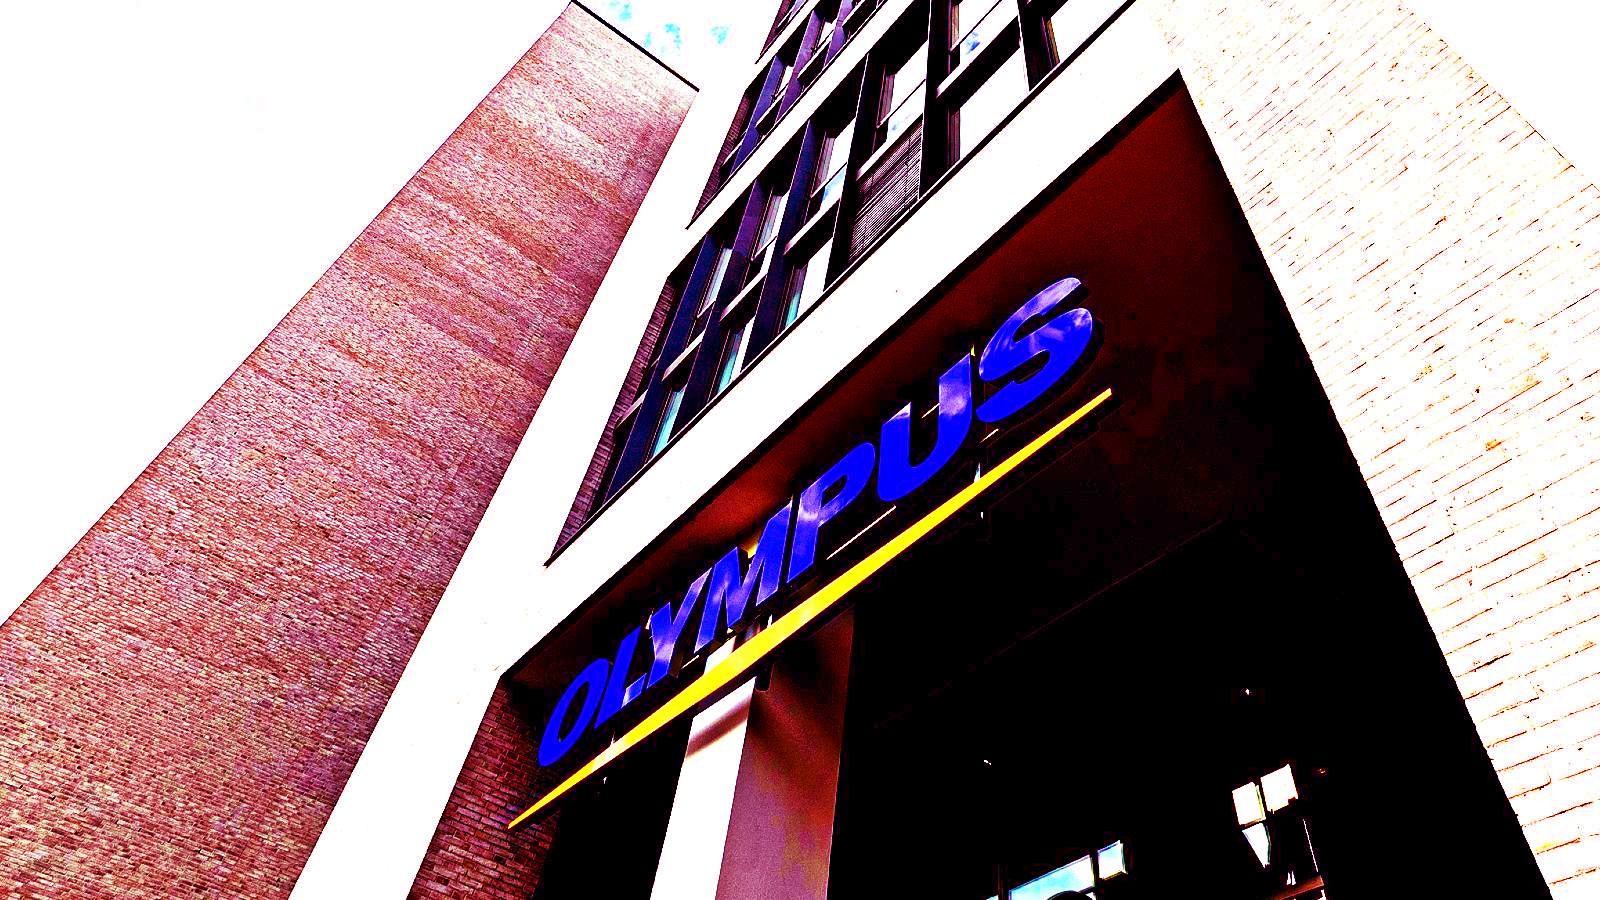 Olympus ABD sistemleri hafta sonu siber saldırıya uğradı